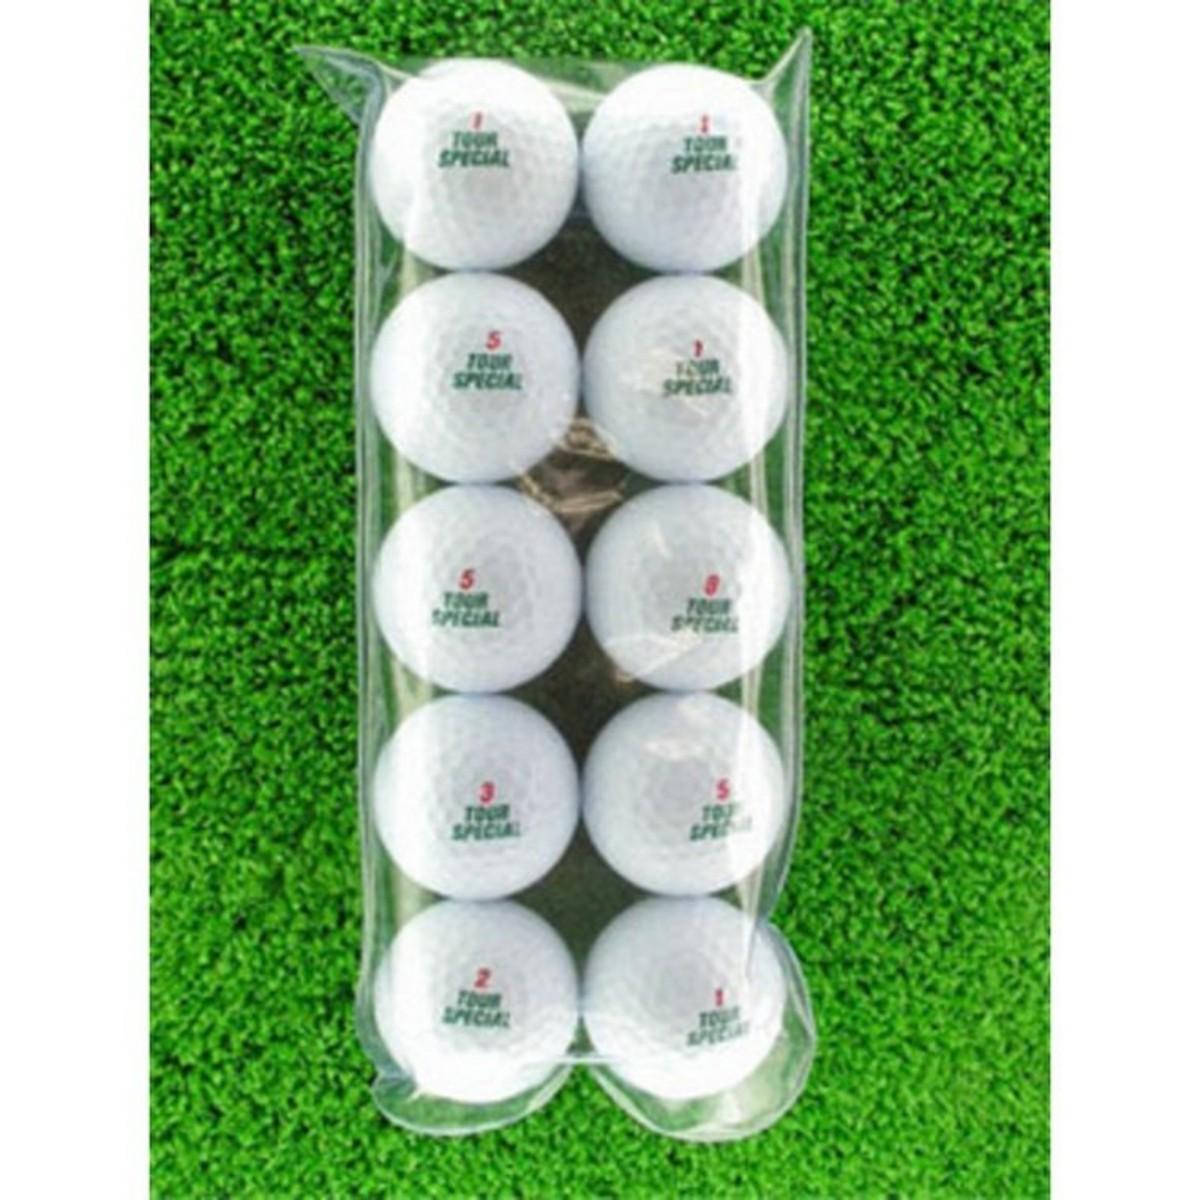 メイホウゴルフ ロストボールCランク10個入り10パック100個セット